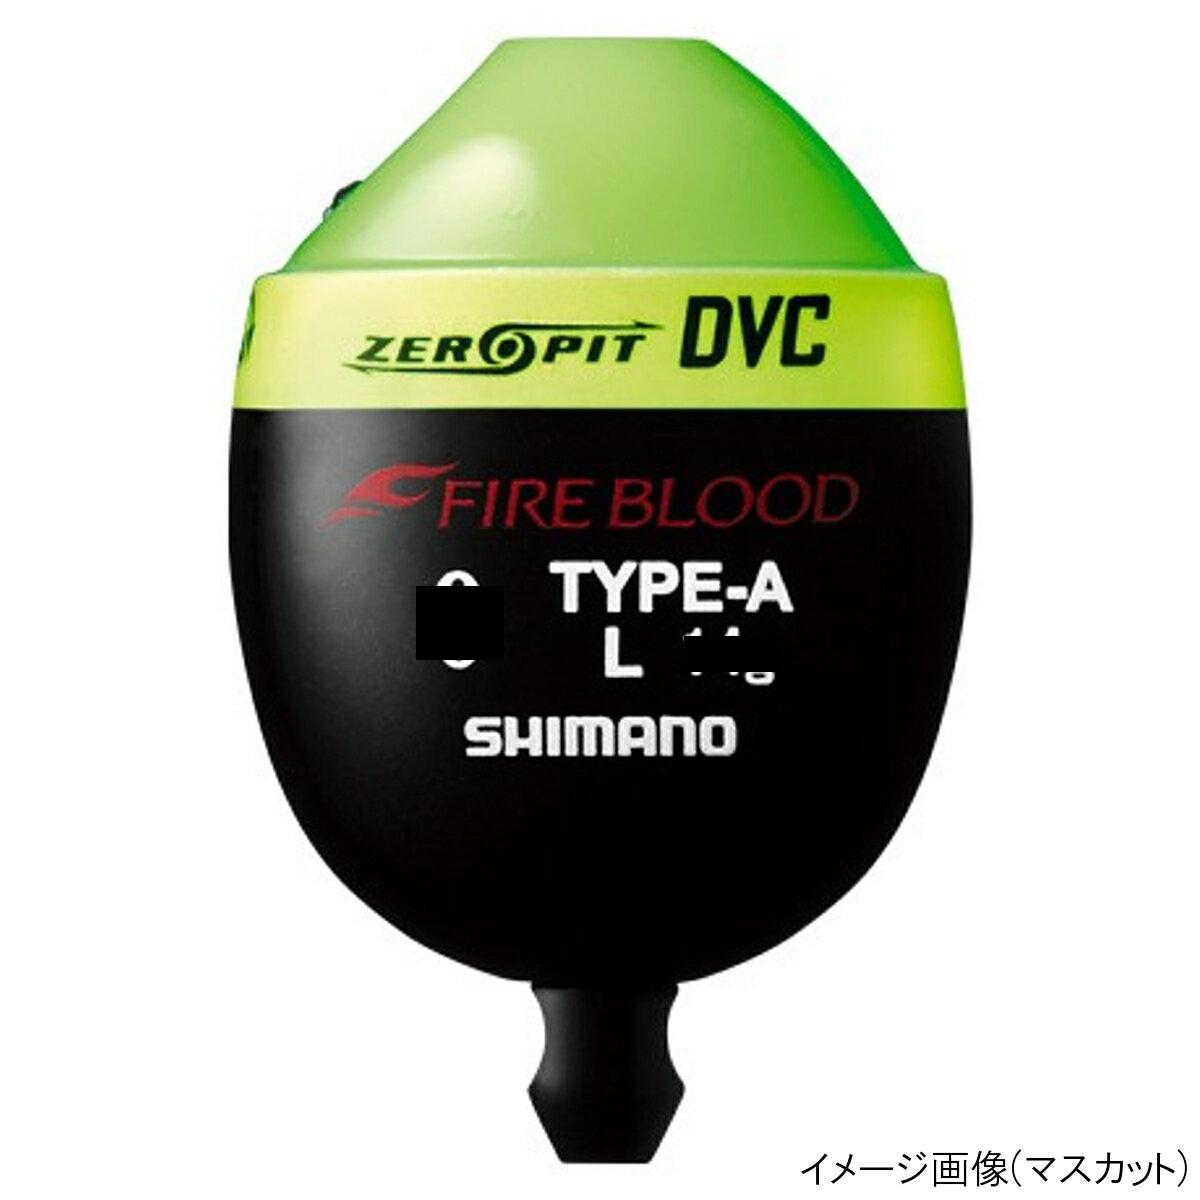 シマノ ファイアブラッド ゼロピット DVC TYPE-A FL-112P L 2B マスカット【ゆうパケット】